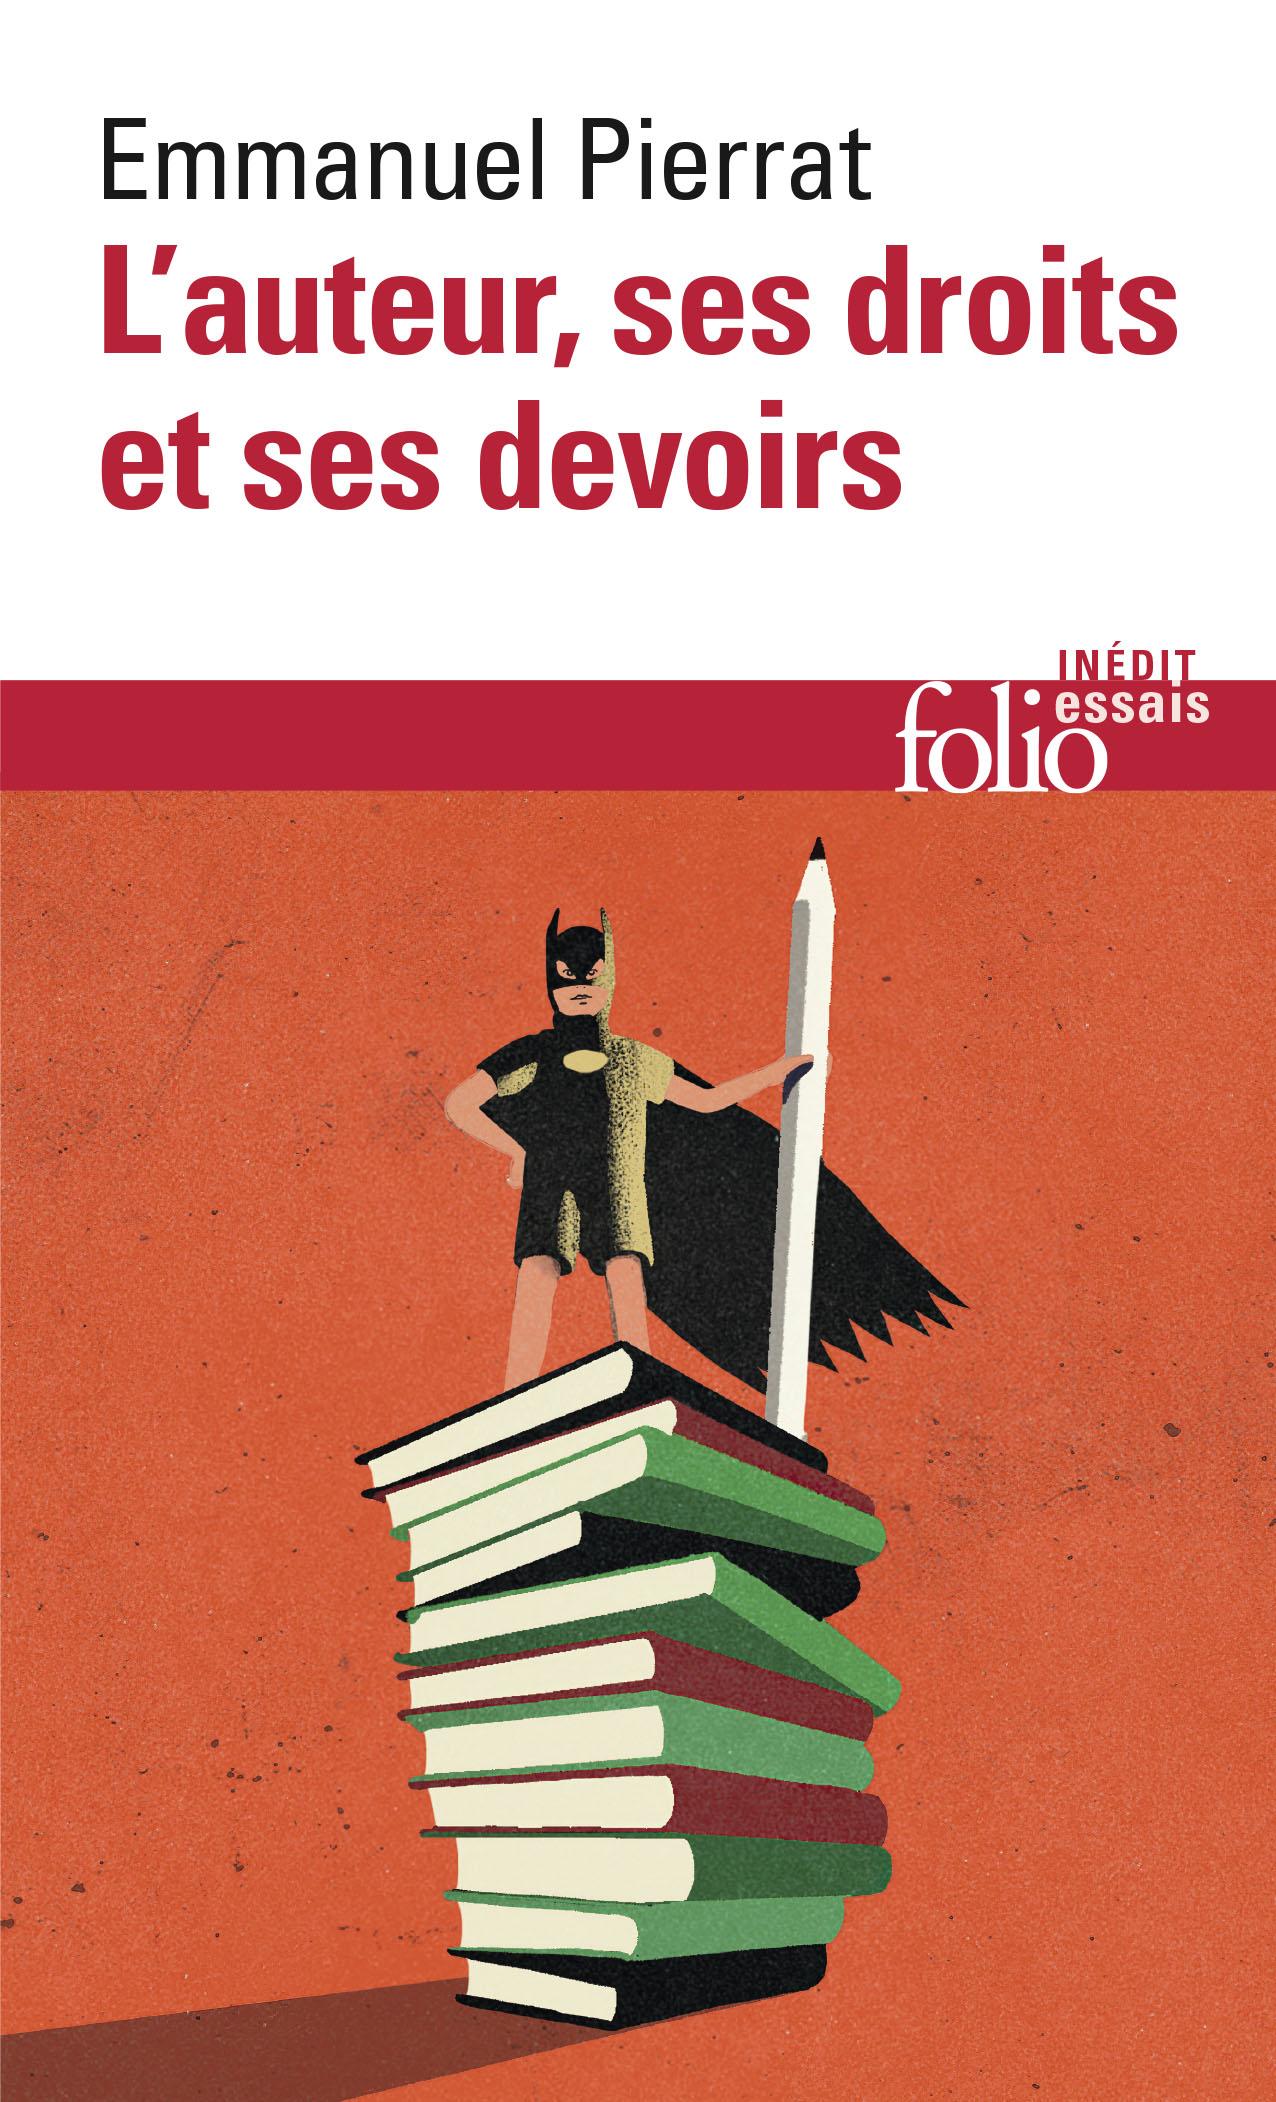 E. Pierrat, L'auteur, ses droits, ses devoirs